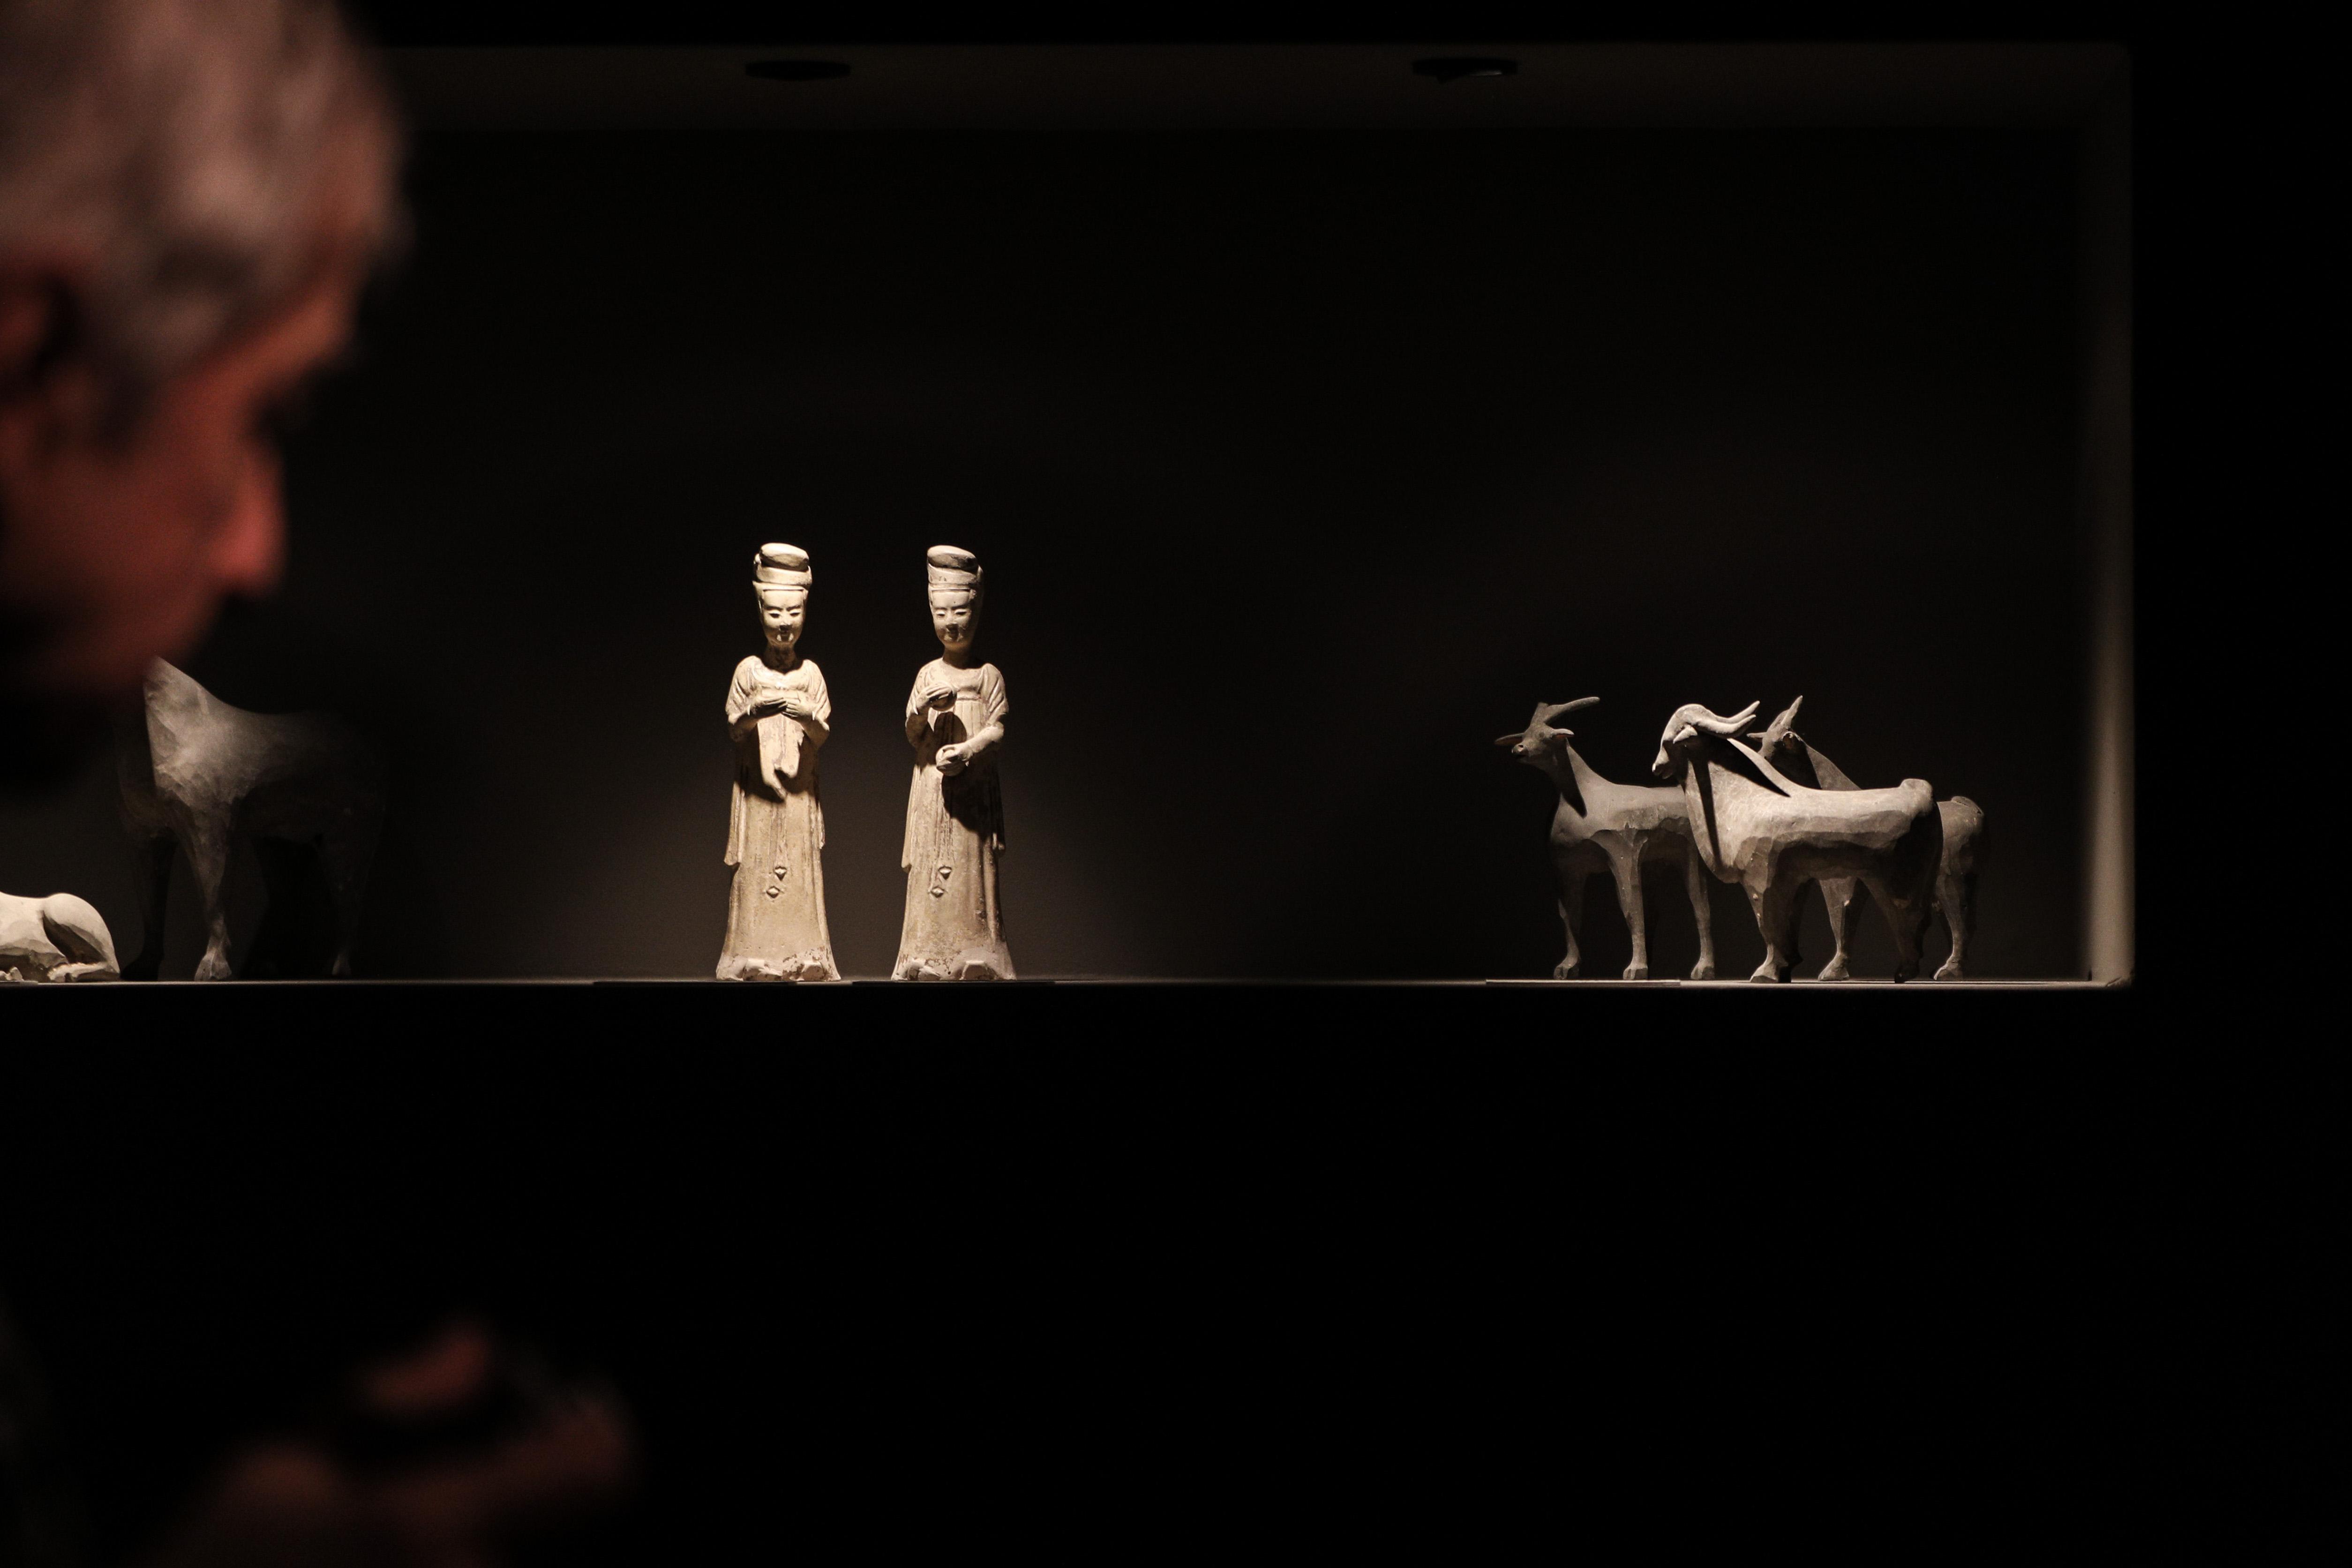 走进第64届布鲁塞尔骨董艺术展览会